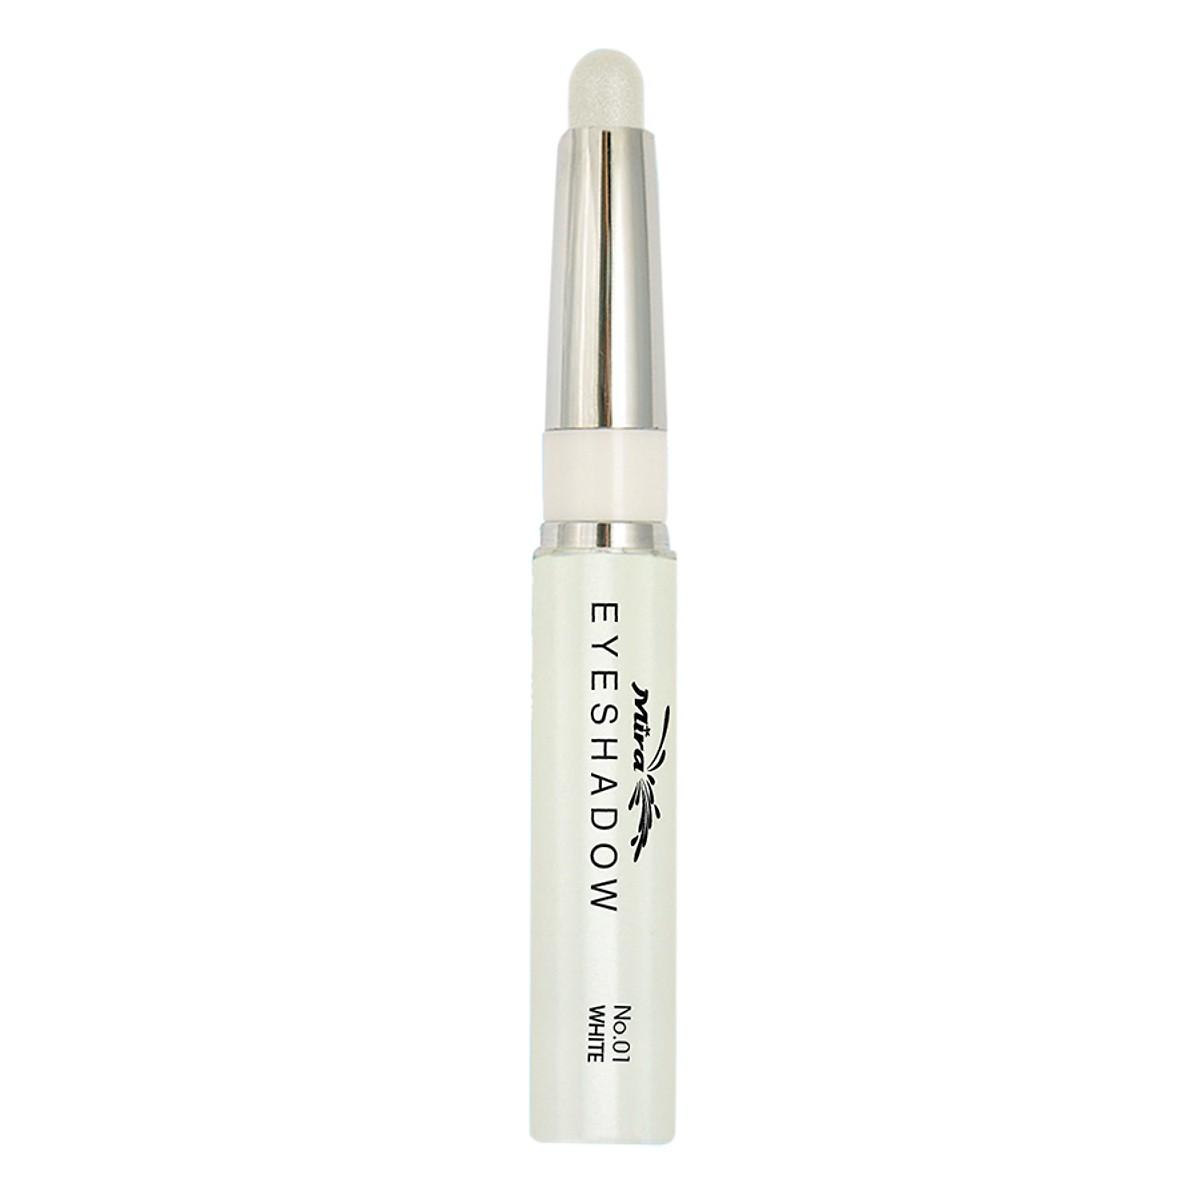 Bút sáp kẻ mắt nhiều màu nhũ bạc Mira Eyeshadow Hàn Quốc 1.5g No.1 Màu trắng tặng kèm móc khoá